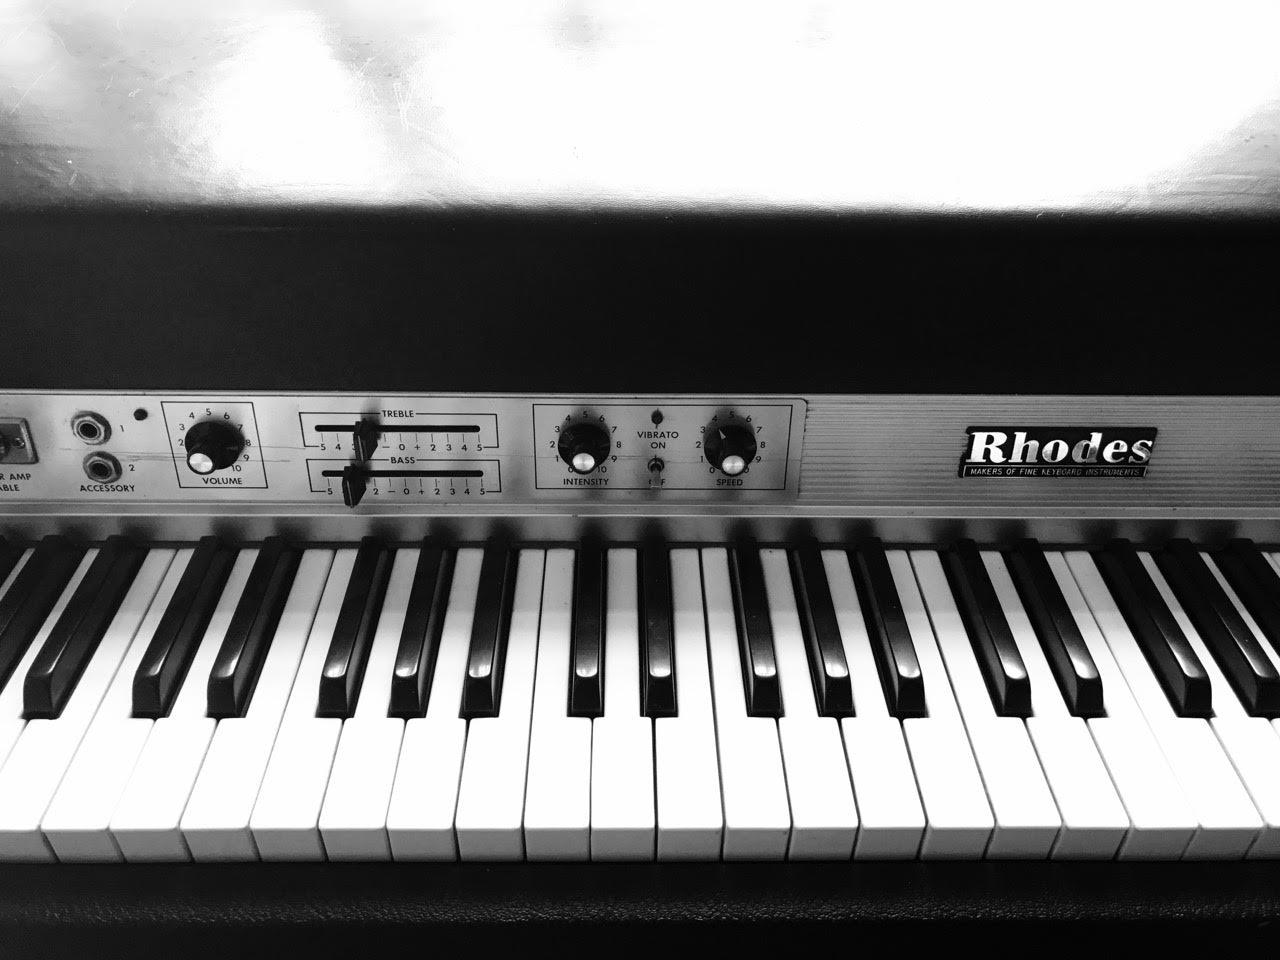 Rhodes Keyboard in Studio 1